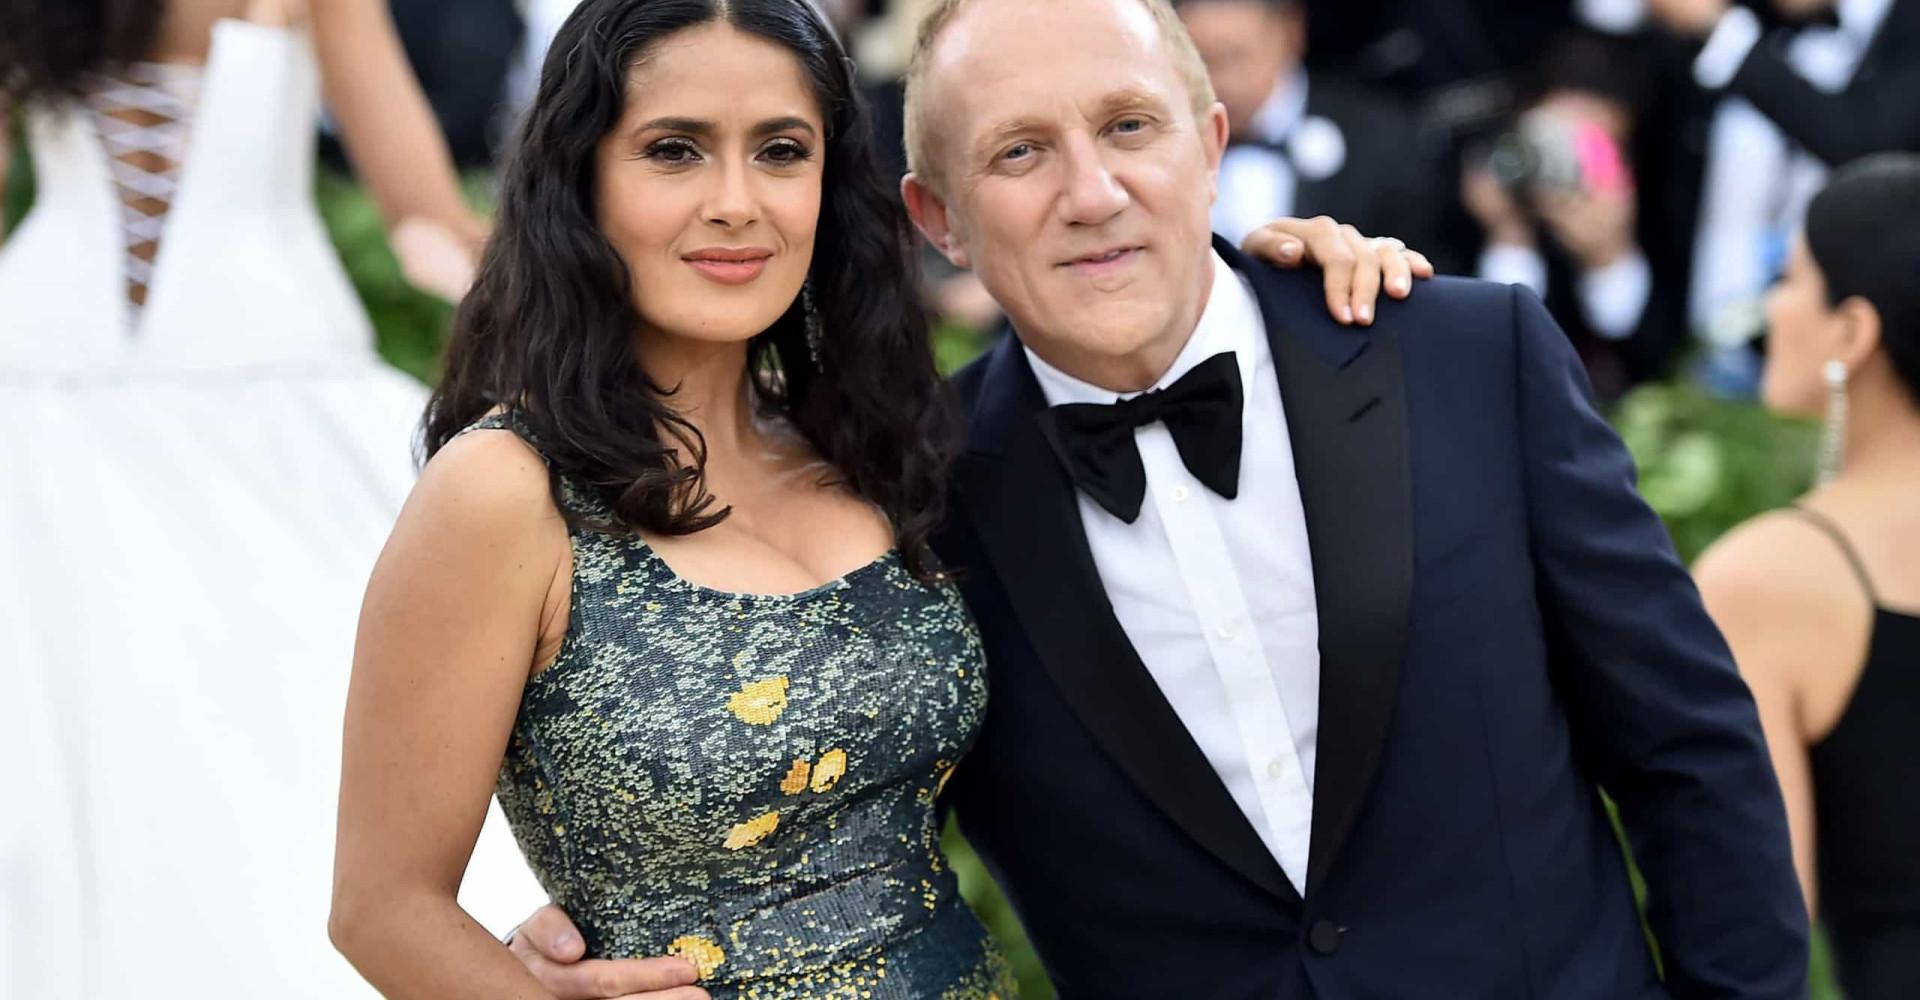 Salma Hayek et François-Henri Pinault, un couple puissant et discret